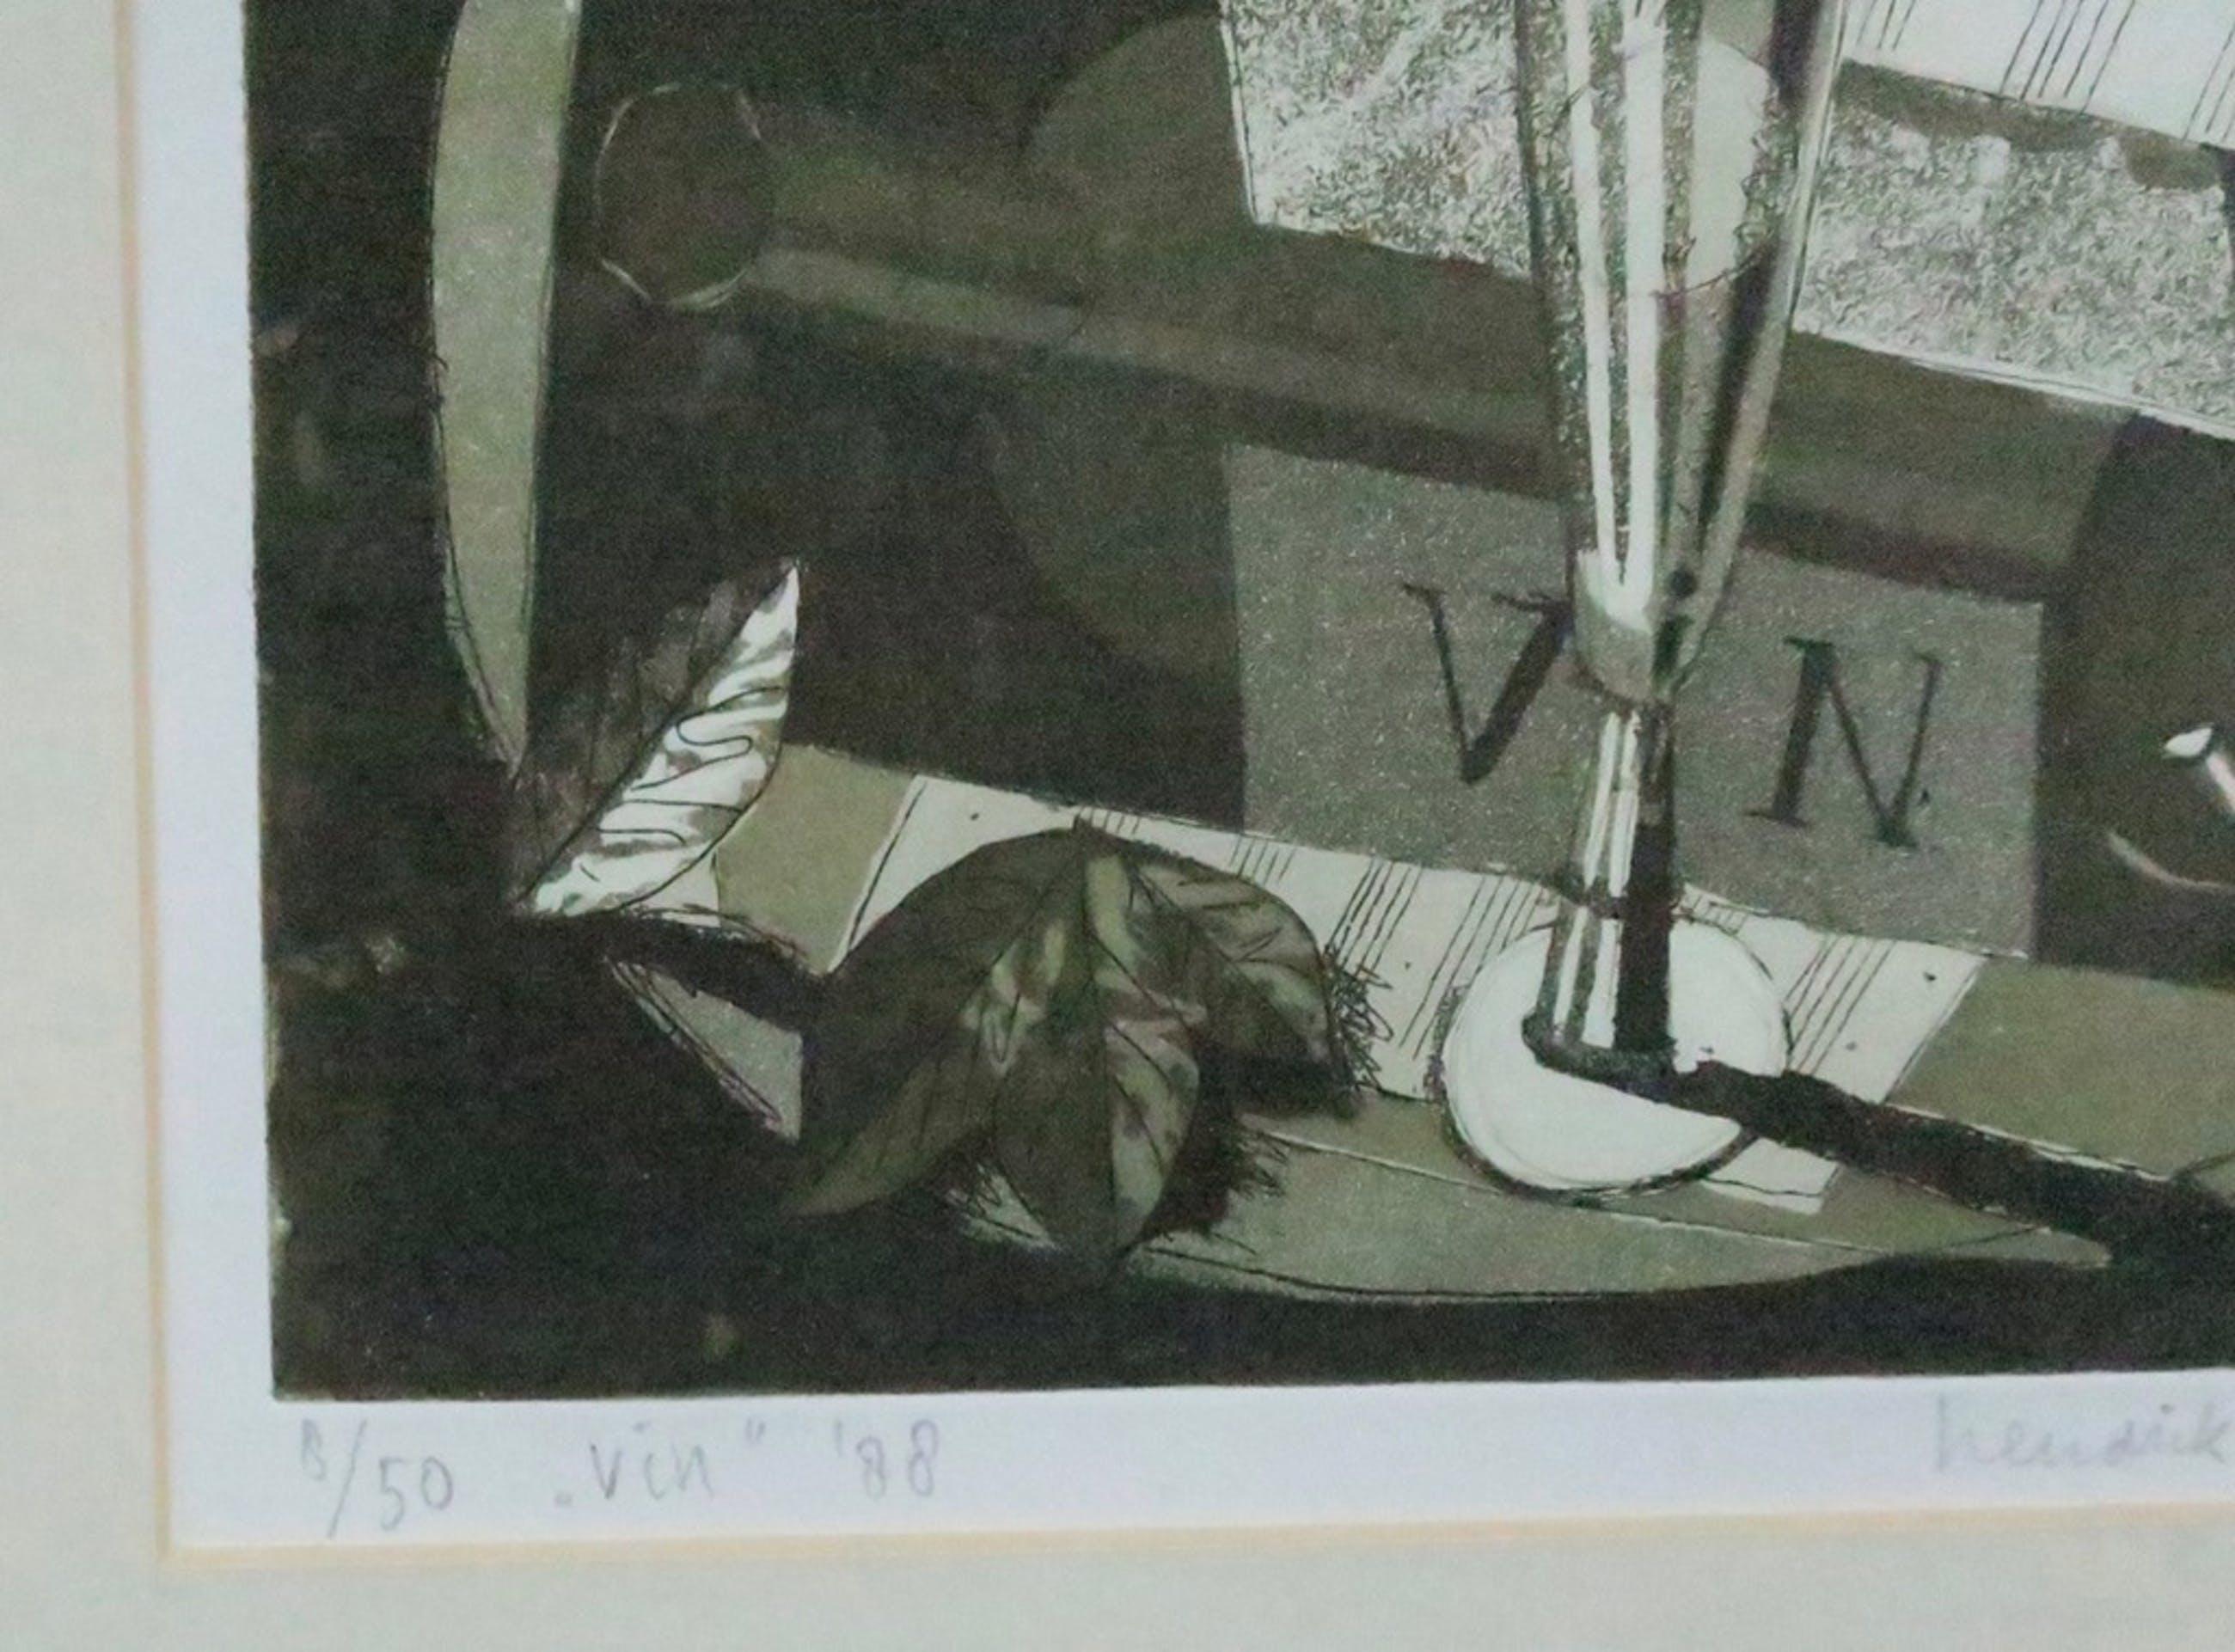 Hendrik Jan Visser: Ets, Vin - Ingelijst kopen? Bied vanaf 35!